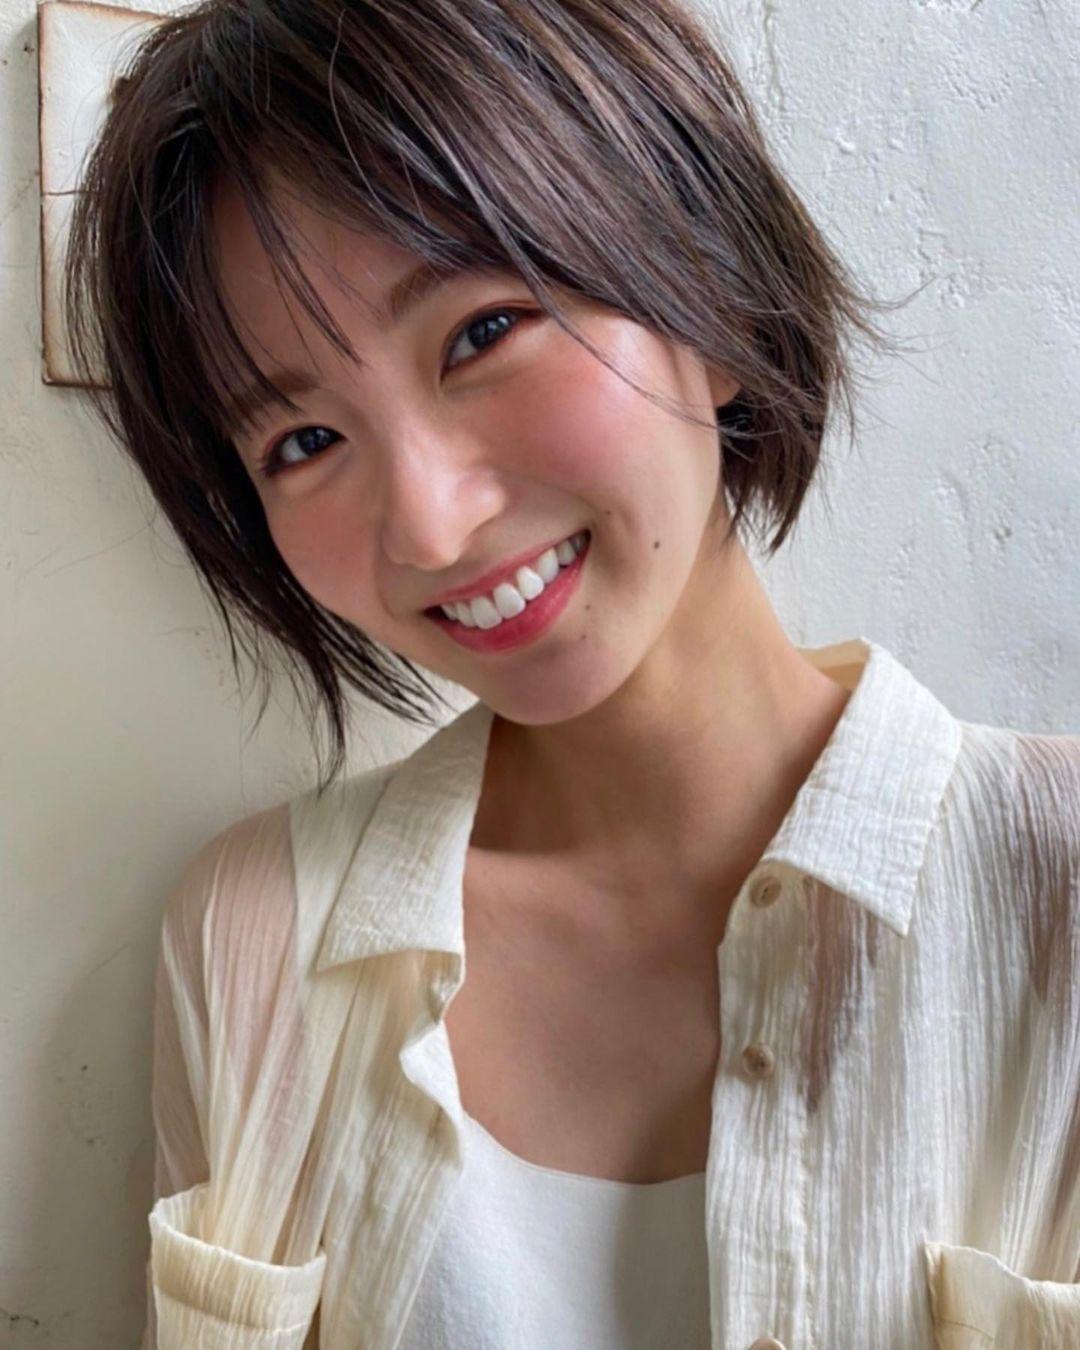 日系时尚杂志模特冈崎纱绘清甜笑容亲和力十足完全就是女友理想型 网络美女 第29张